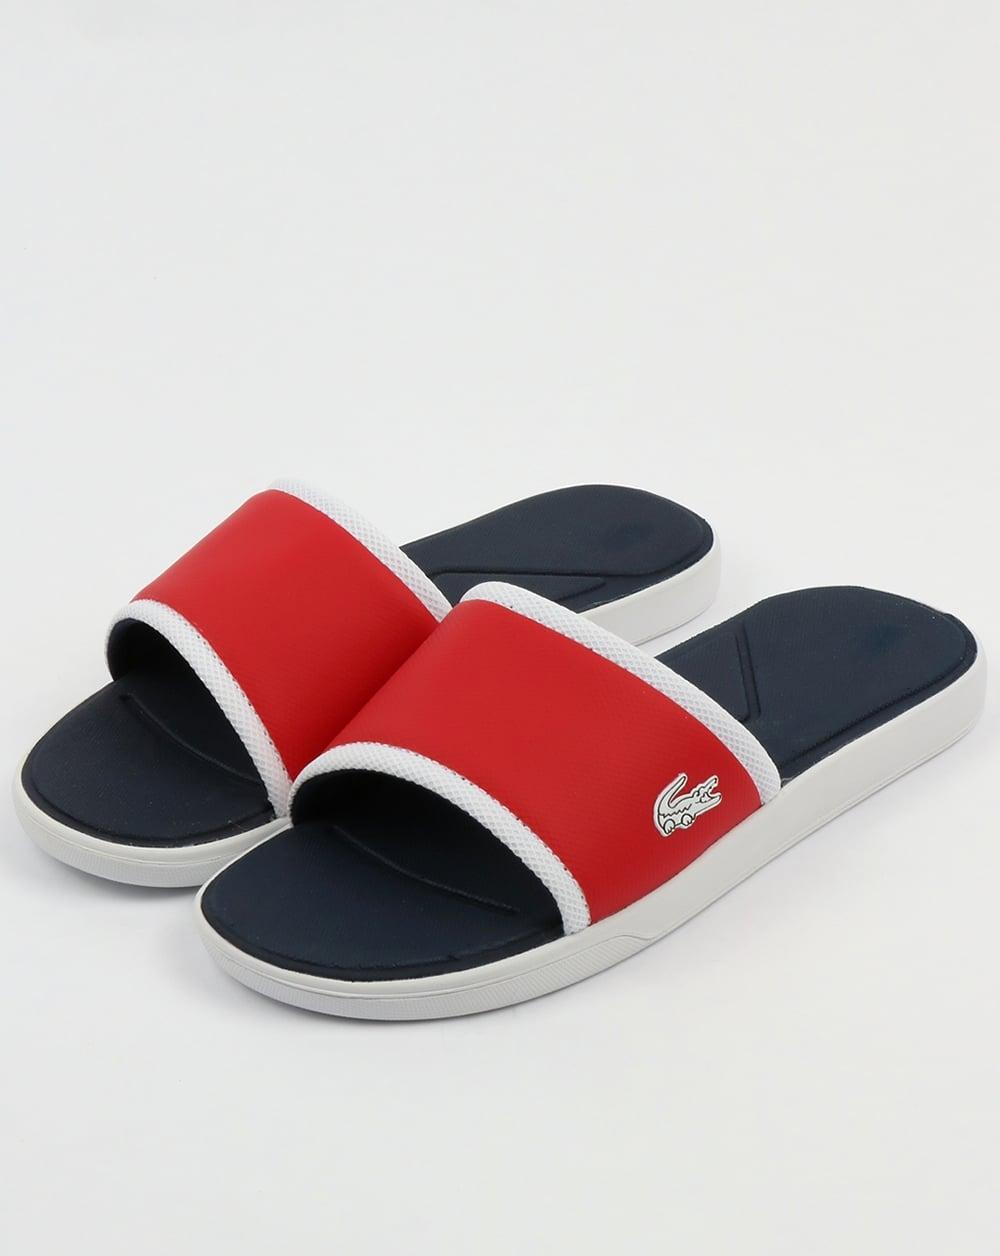 01abe99ec Lacoste Lacoste Footwear L.30 Sliders Red